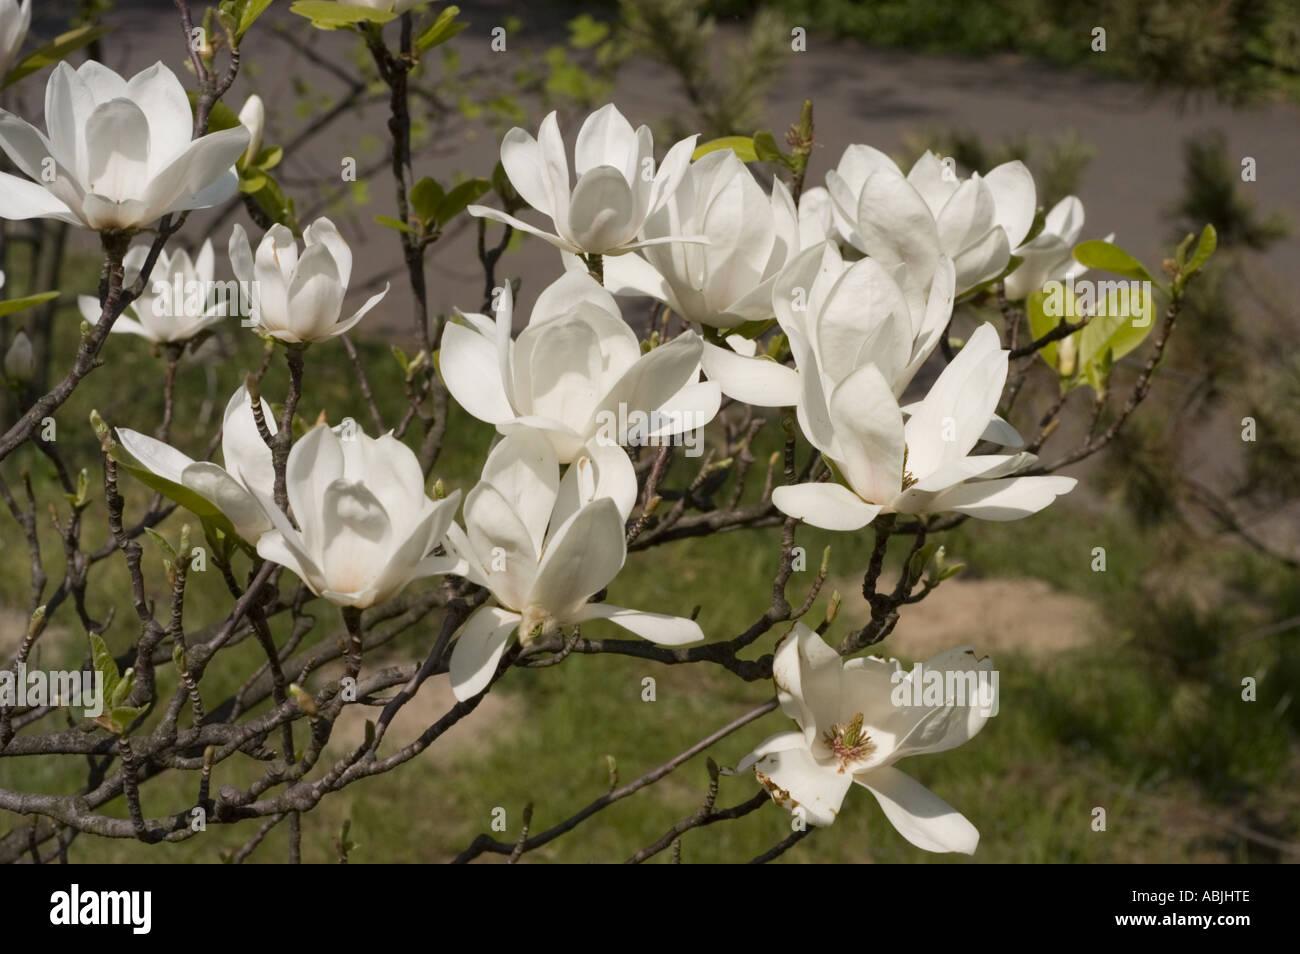 White Magnolia Flowers From Tulip Stock Photos White Magnolia